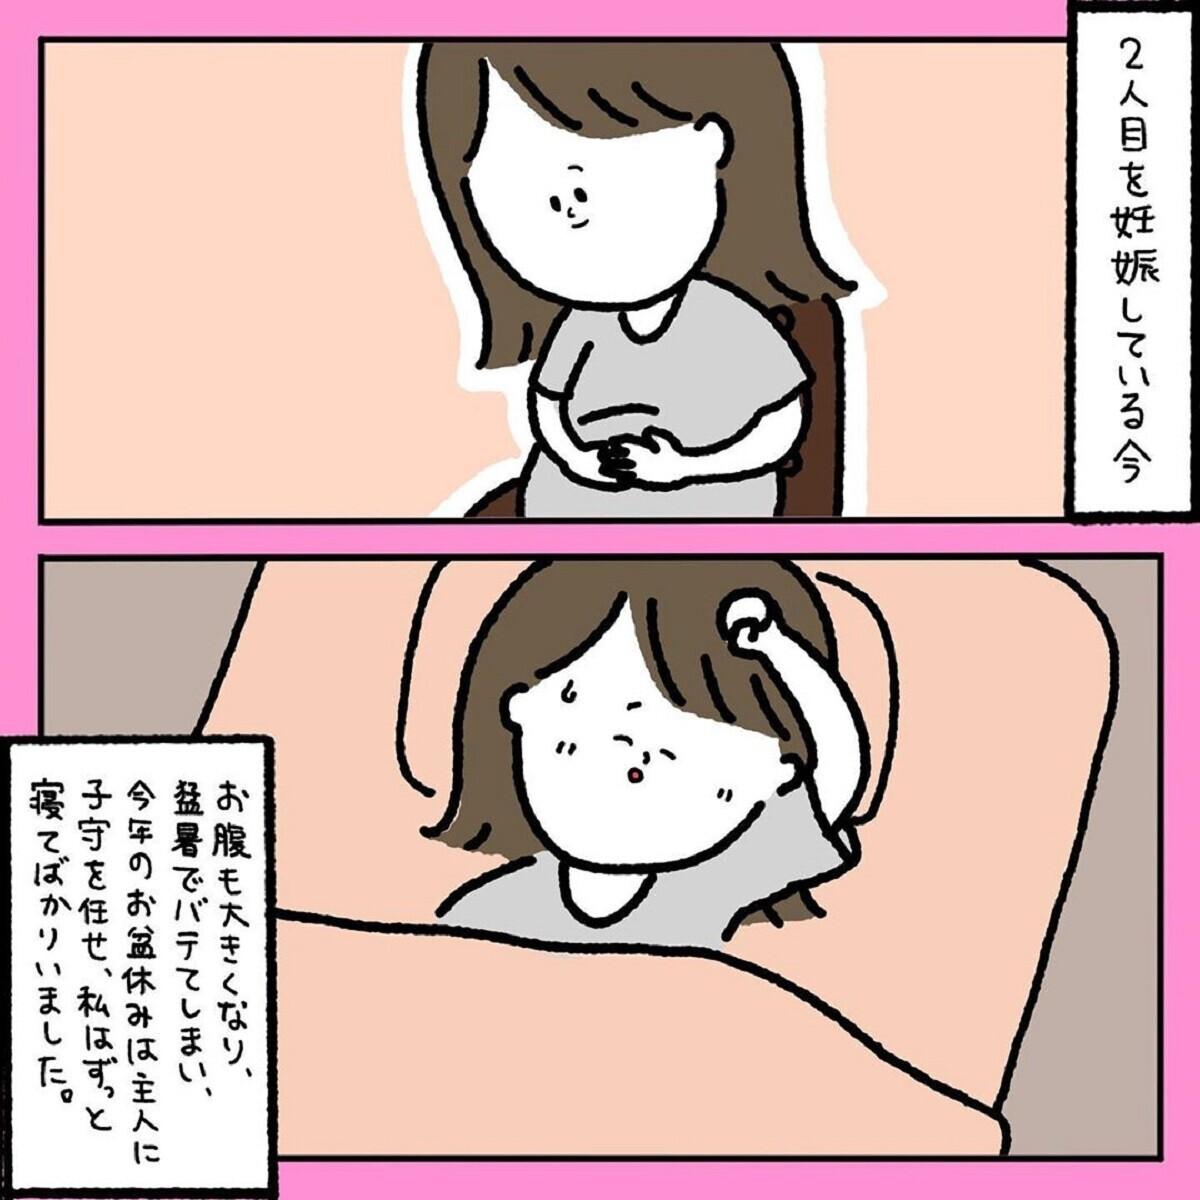 2人目を妊娠している今、お腹も大きくなり夏バテで、お盆休みは夫に子守を任せて私はずっと寝てばかりいました。